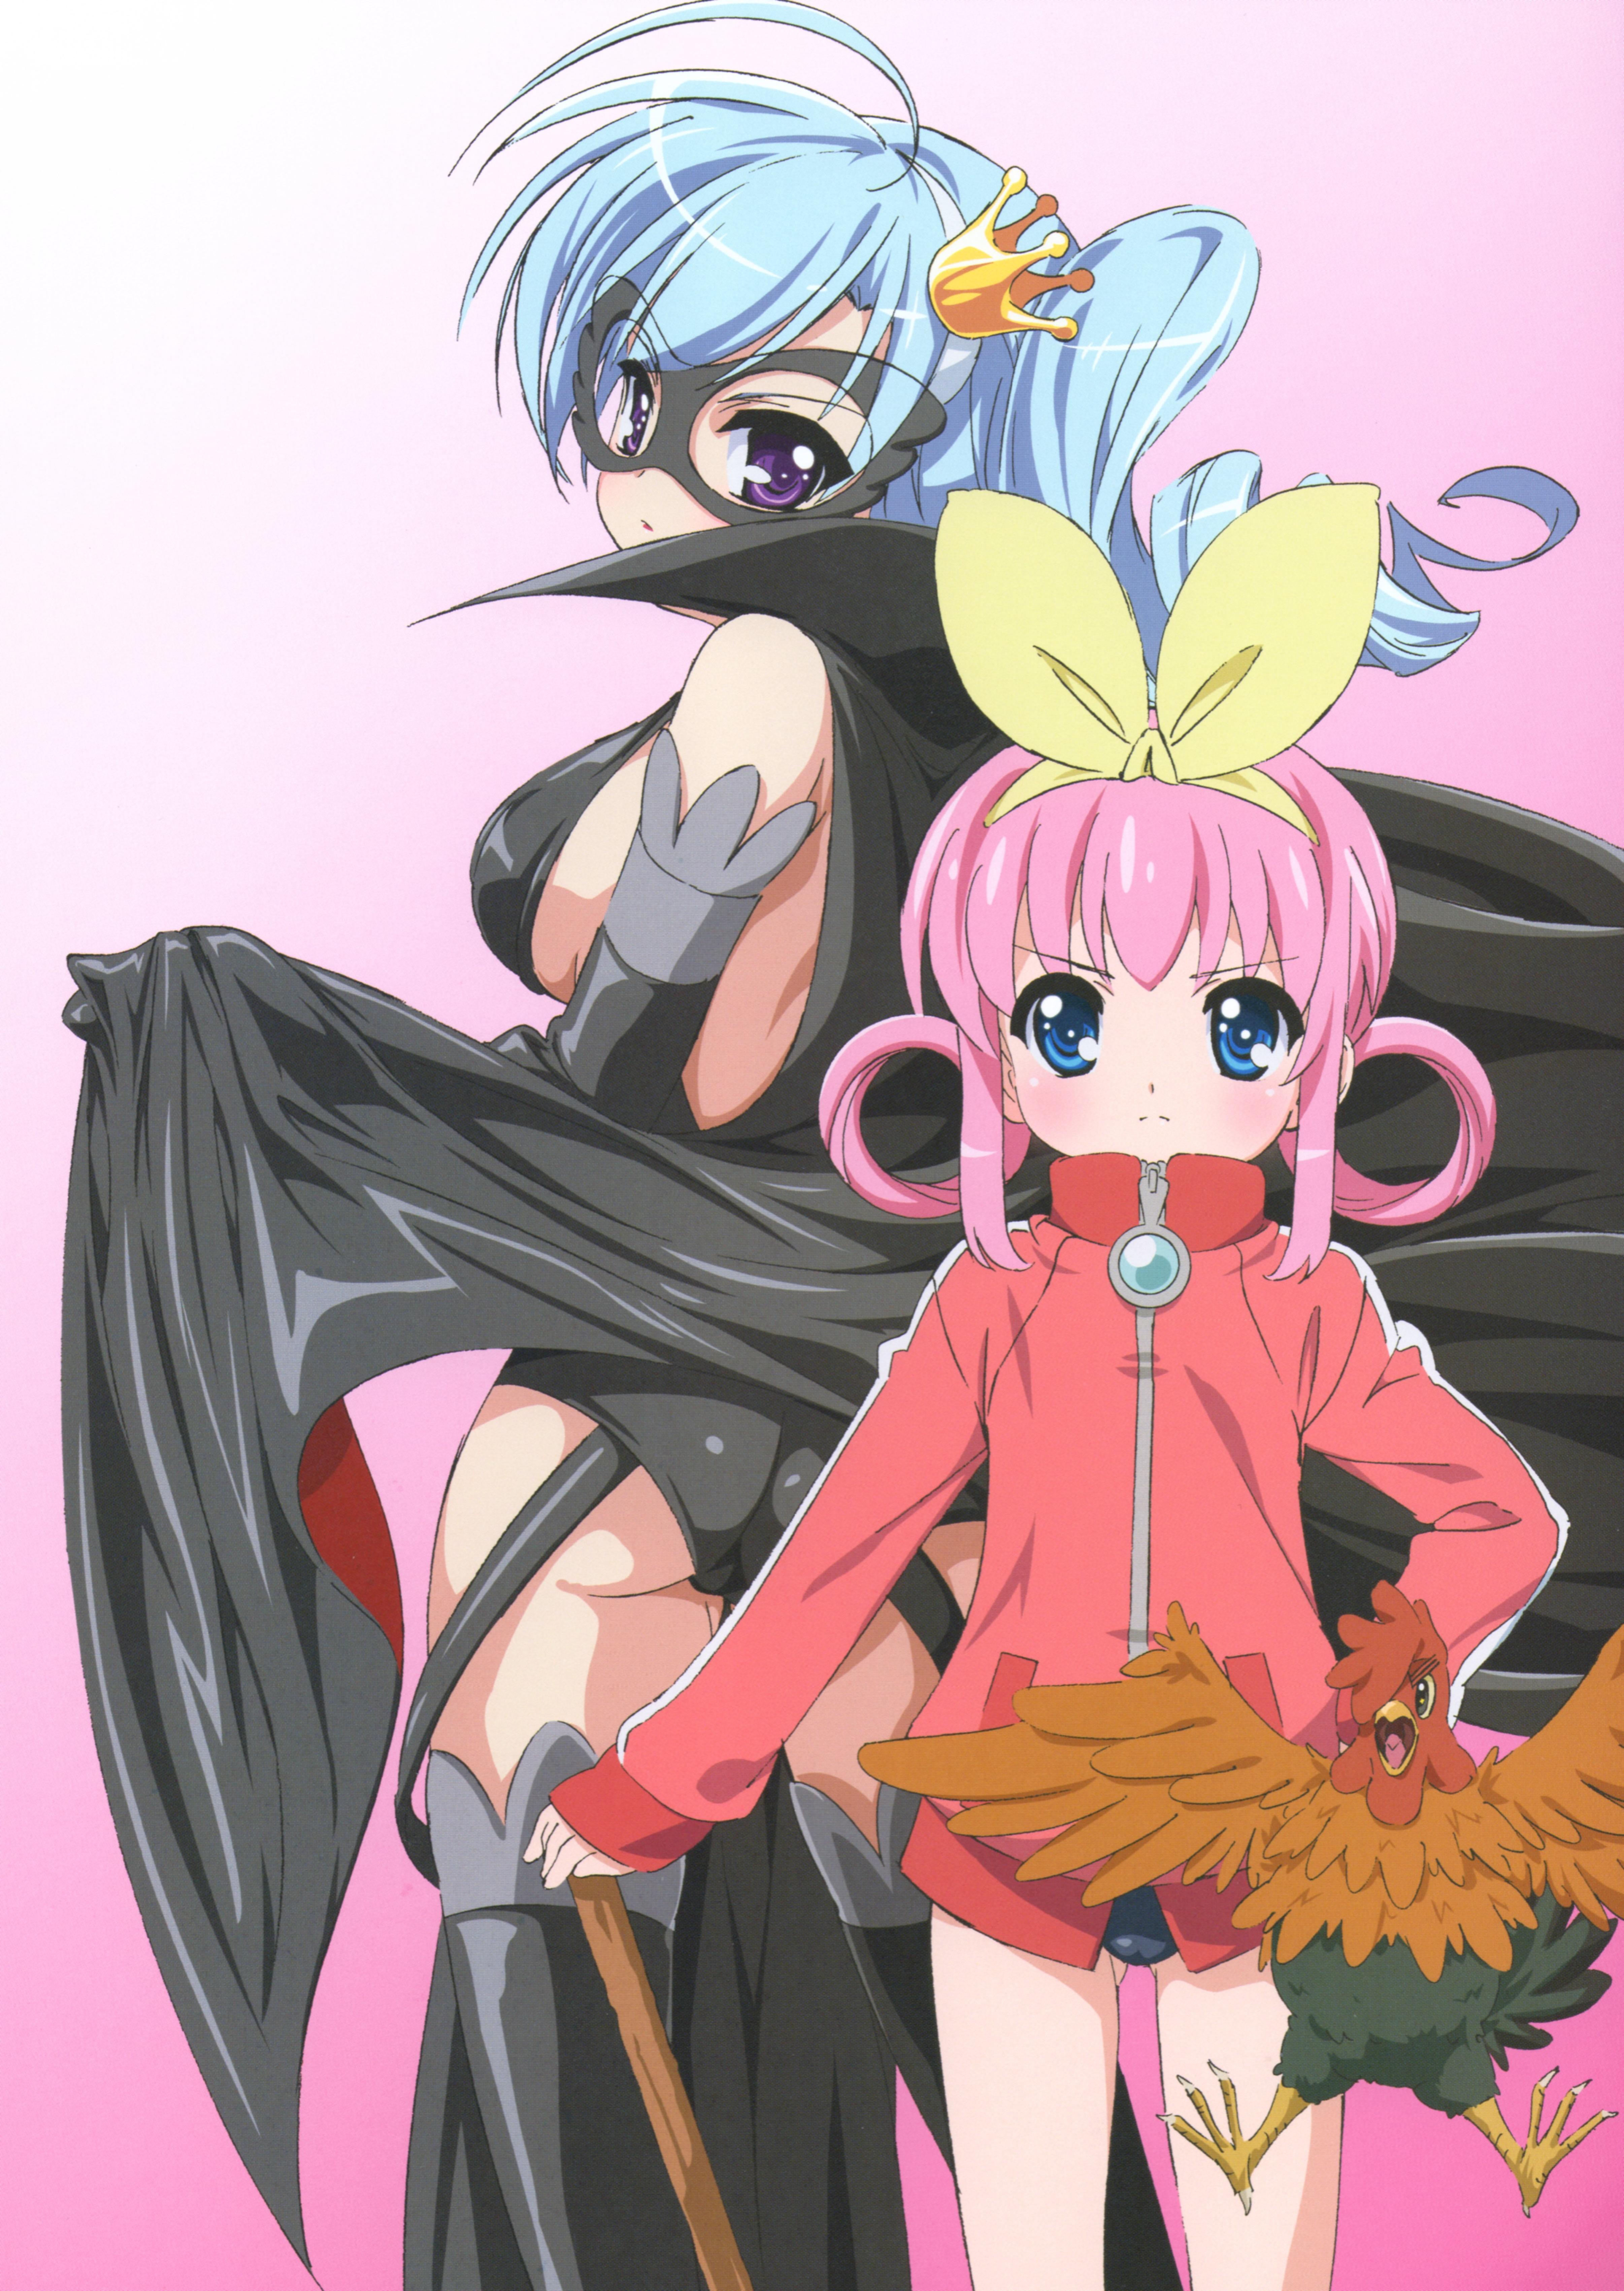 Tantei Opera Milky Holmes Image #558992 - Zerochan Anime